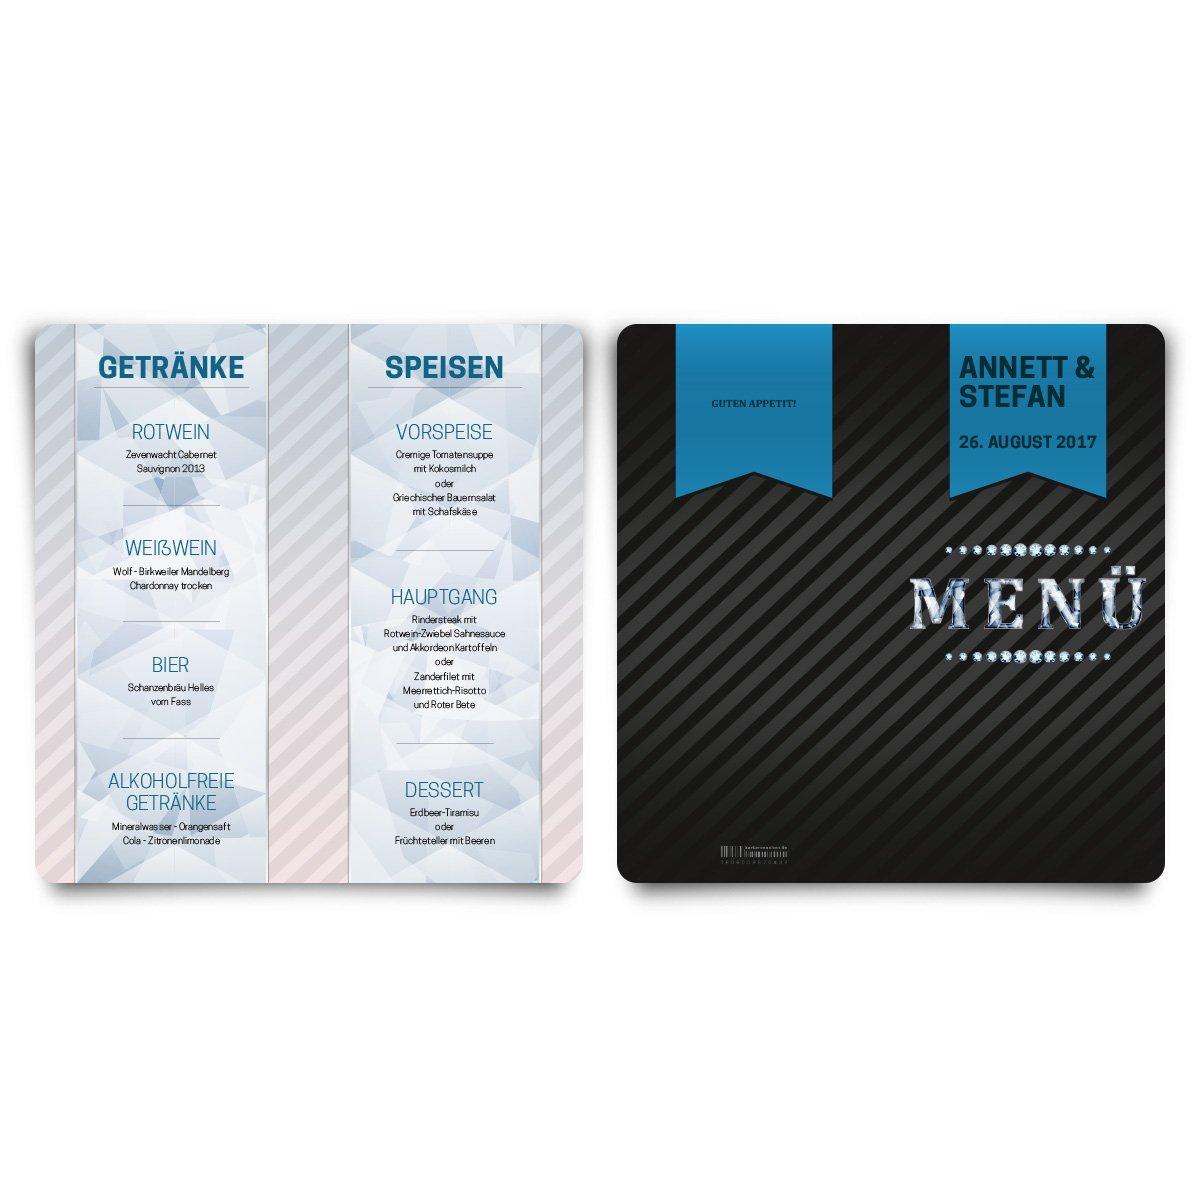 Menükarten Hochzeit (60 Stück) - VIP Blau - Speisekarte Speisekarte Speisekarte Getränkekarte B01N45KJ5Q | Schön und charmant  | Up-to-date-styling  | Bestellung willkommen  7a5ce5